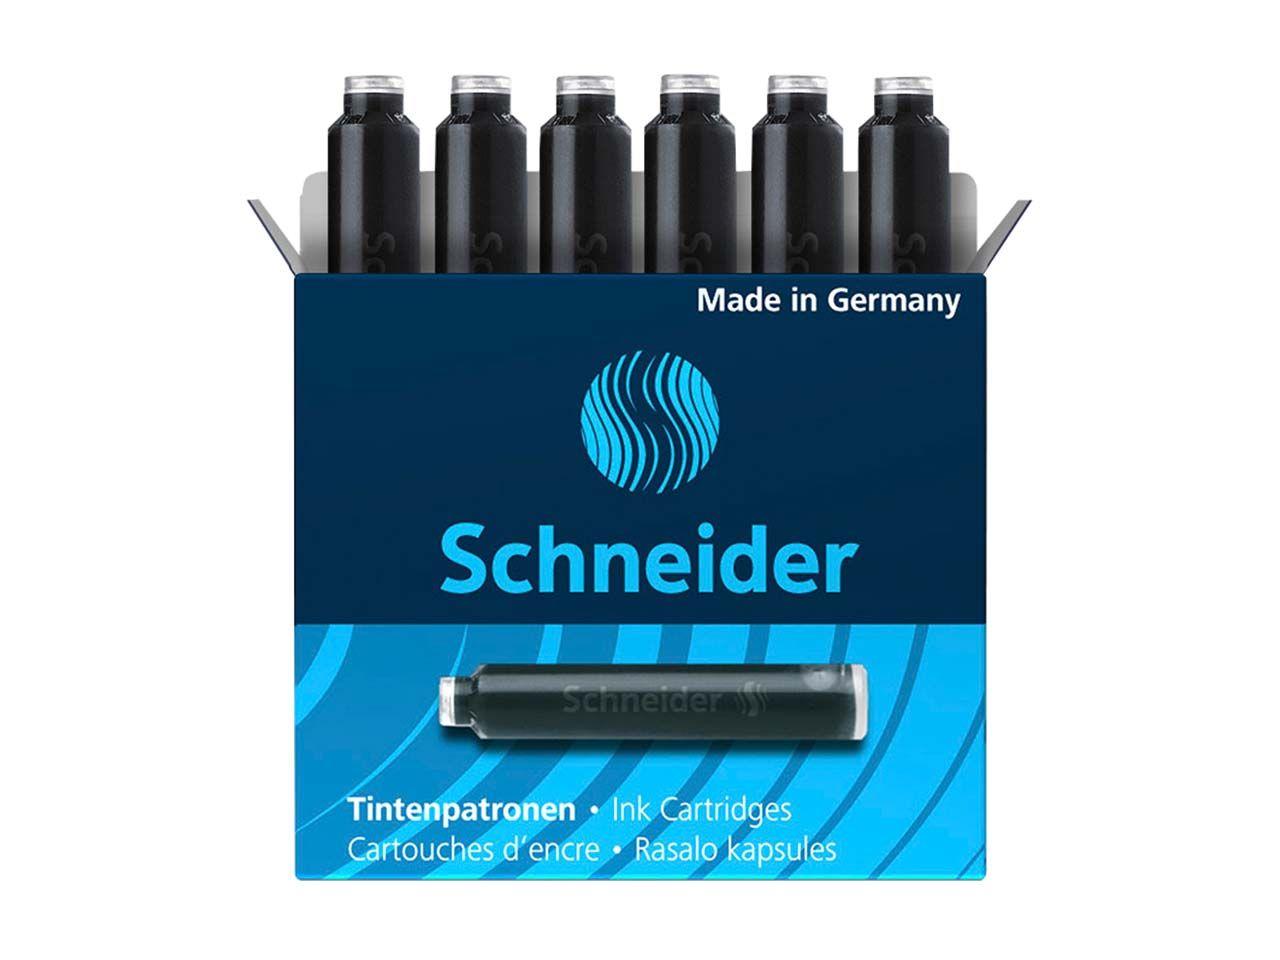 6 Schneider Tintenpatronen 6601 für Füller, schwarz 50-6601